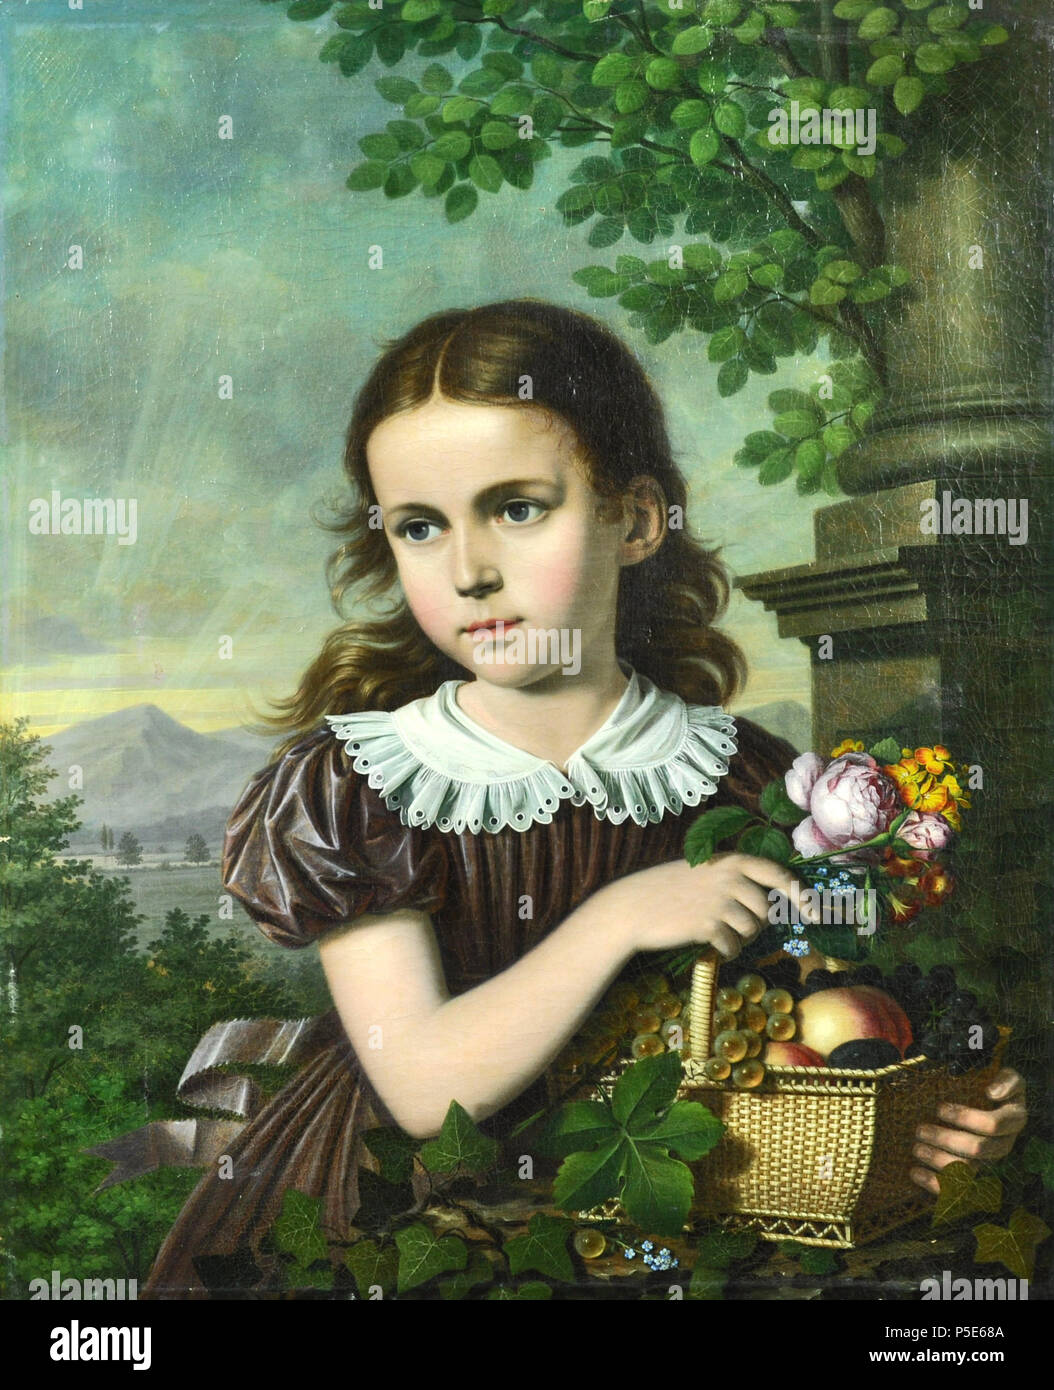 N/A. Deutsch: Mädchen mit Blumen und Fruchtkorb . 1822. Bernhard Peter von Rausch (1793-1865) 193 Bernhard Peter von Rausch - Madchen mit Blumen und Fruchtkorb 1822 - Stock Image